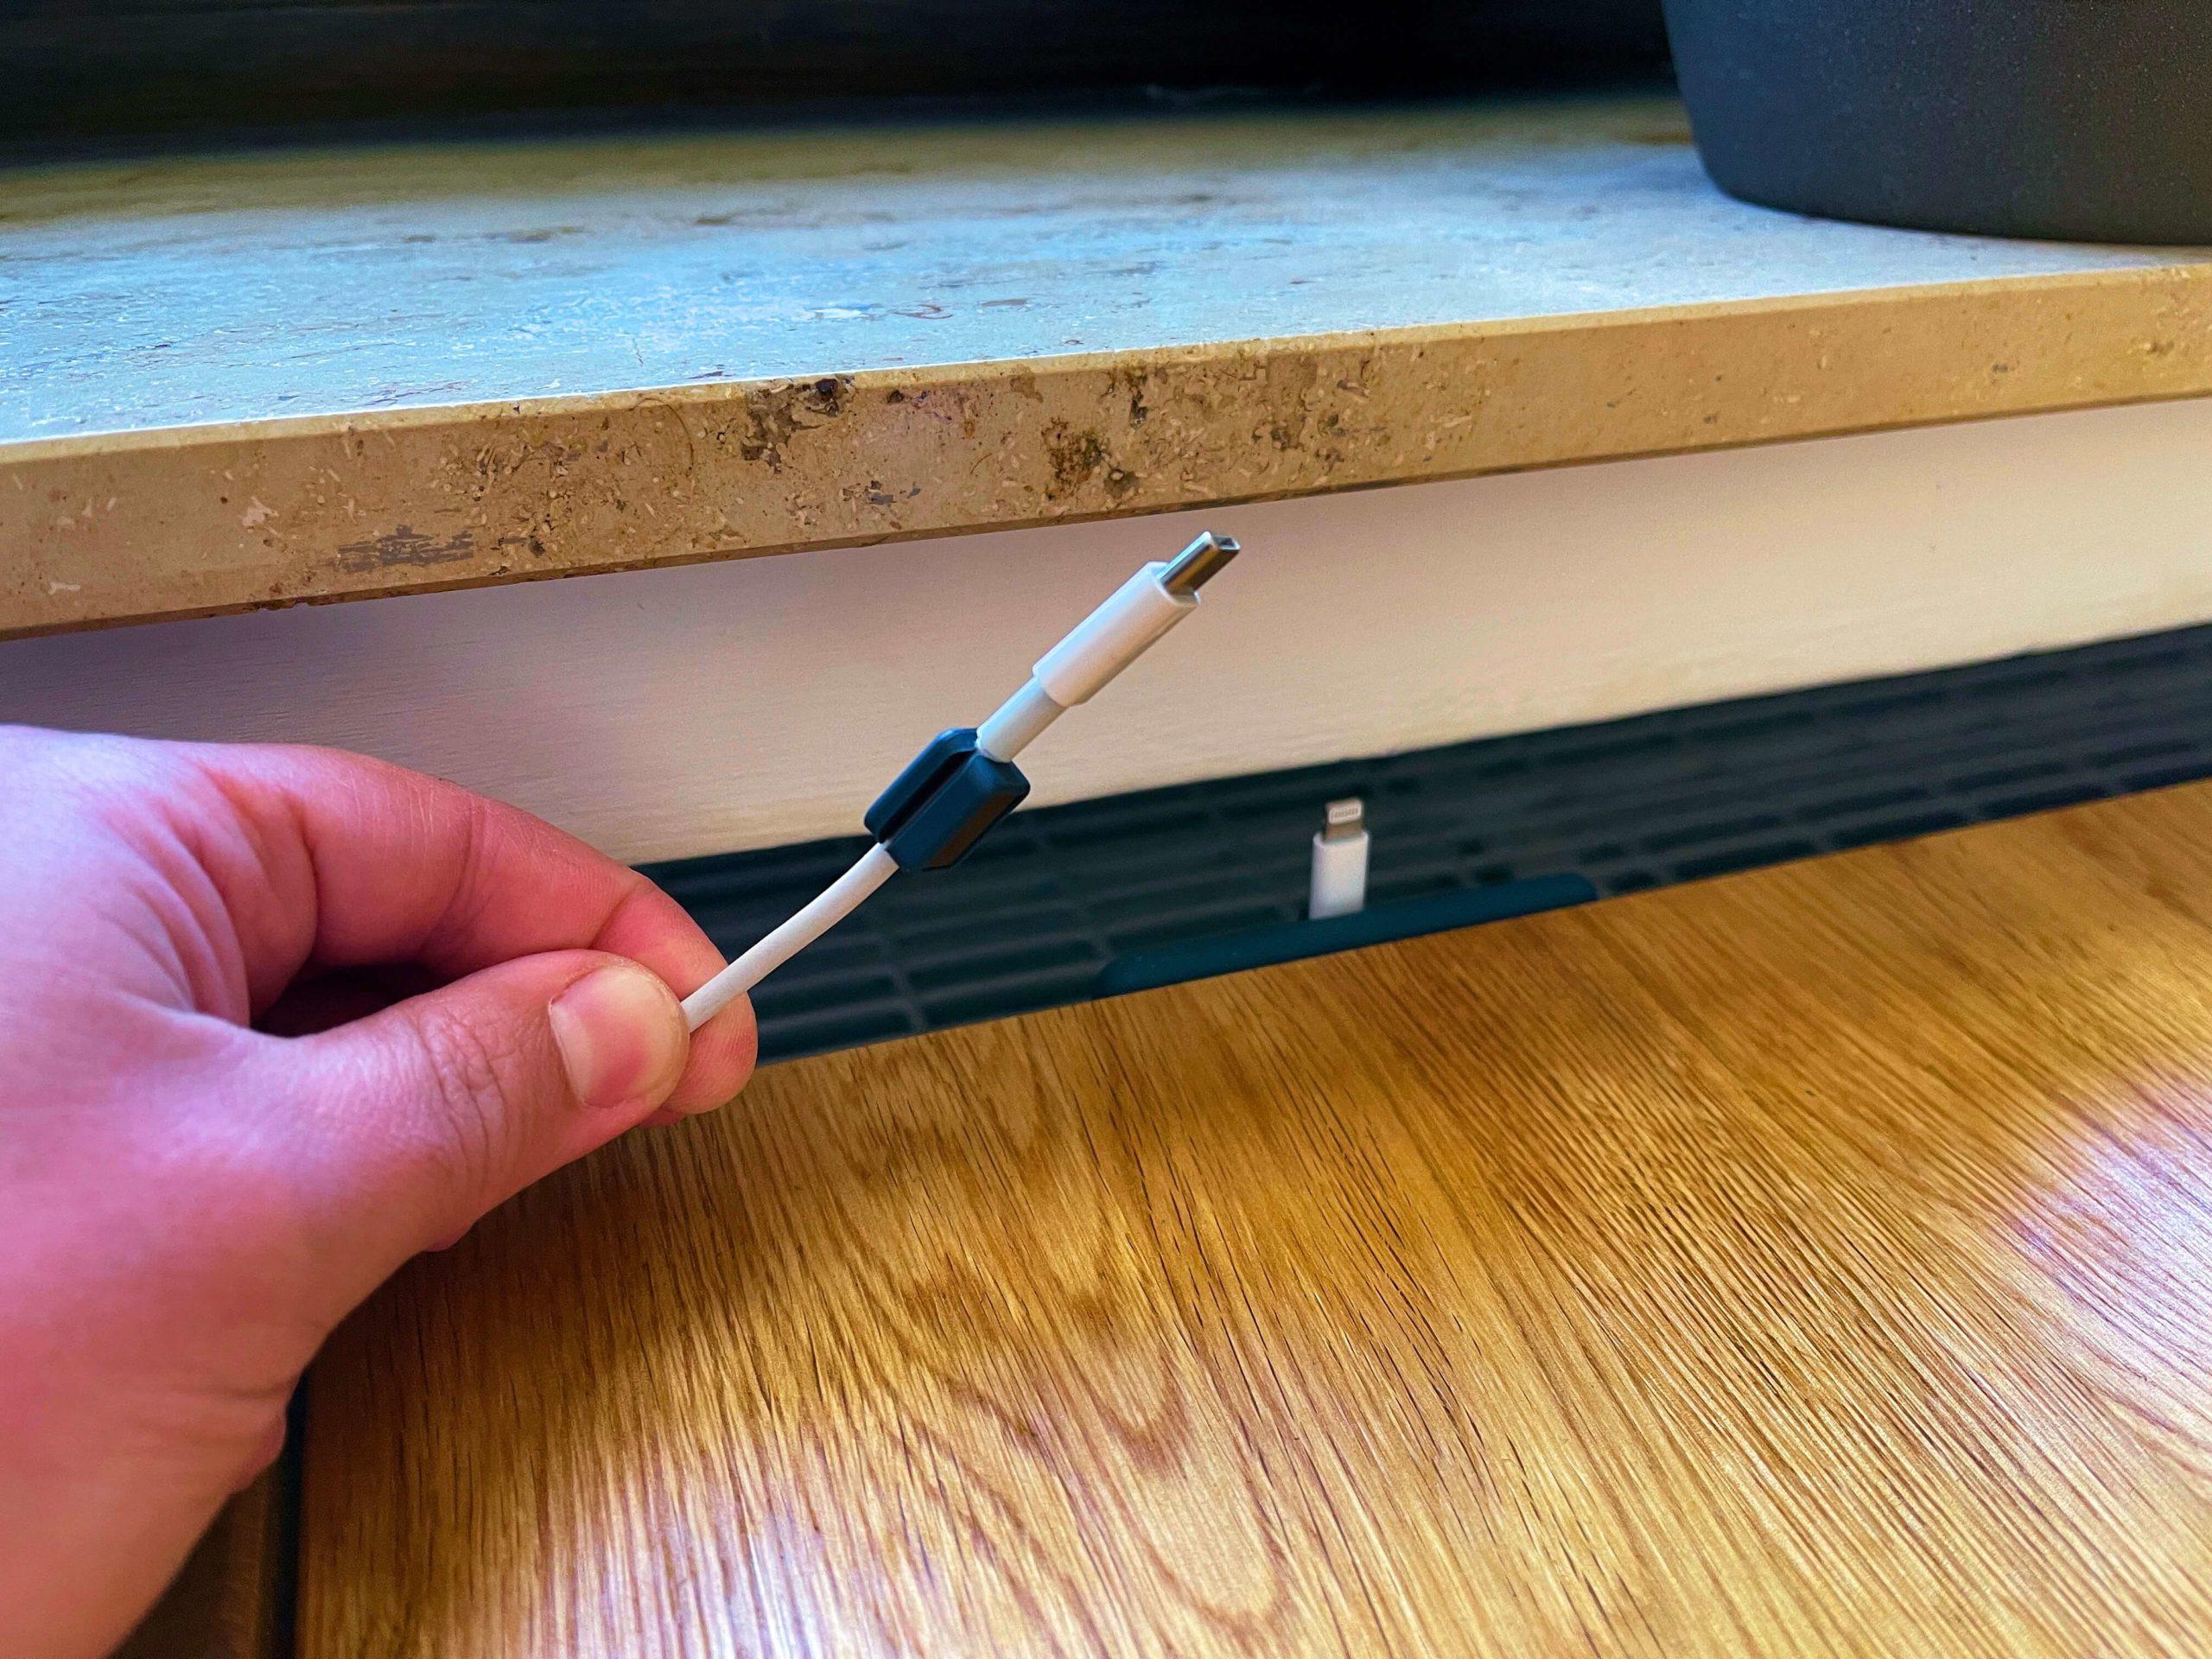 Magnetisches-Kabelmanagement-von-Anker-pure-Ordnung2-scaled Magnetisches Kabelmanagement von Anker - pure Ordnung